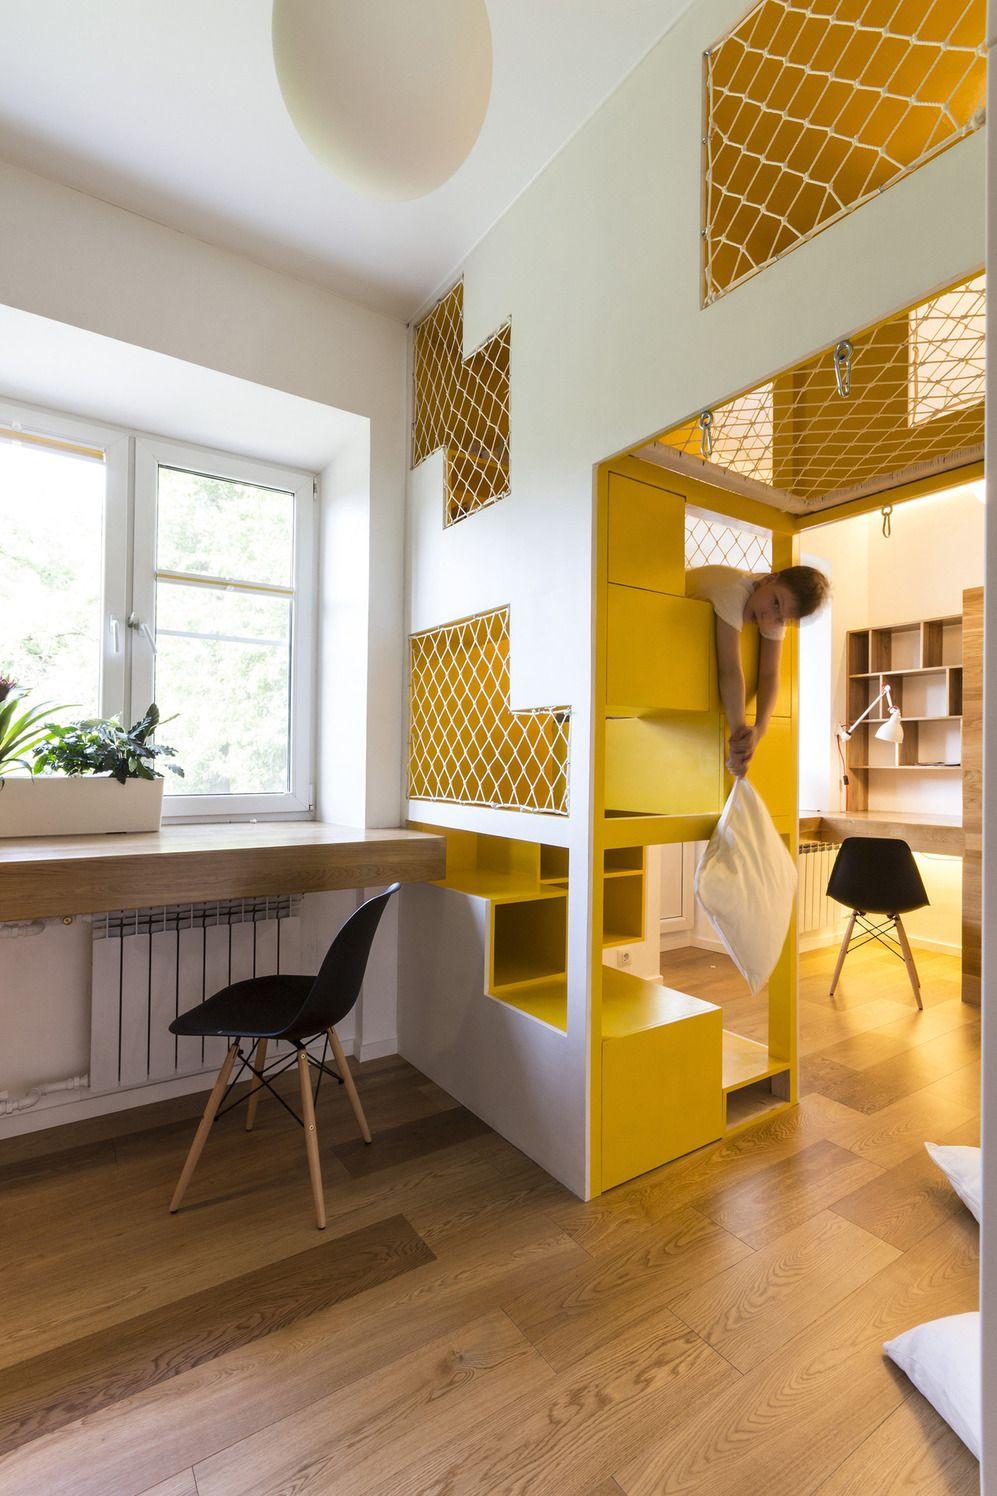 Фотография: в стиле , Квартира, Россия, Eames, Белый, Минимализм ...